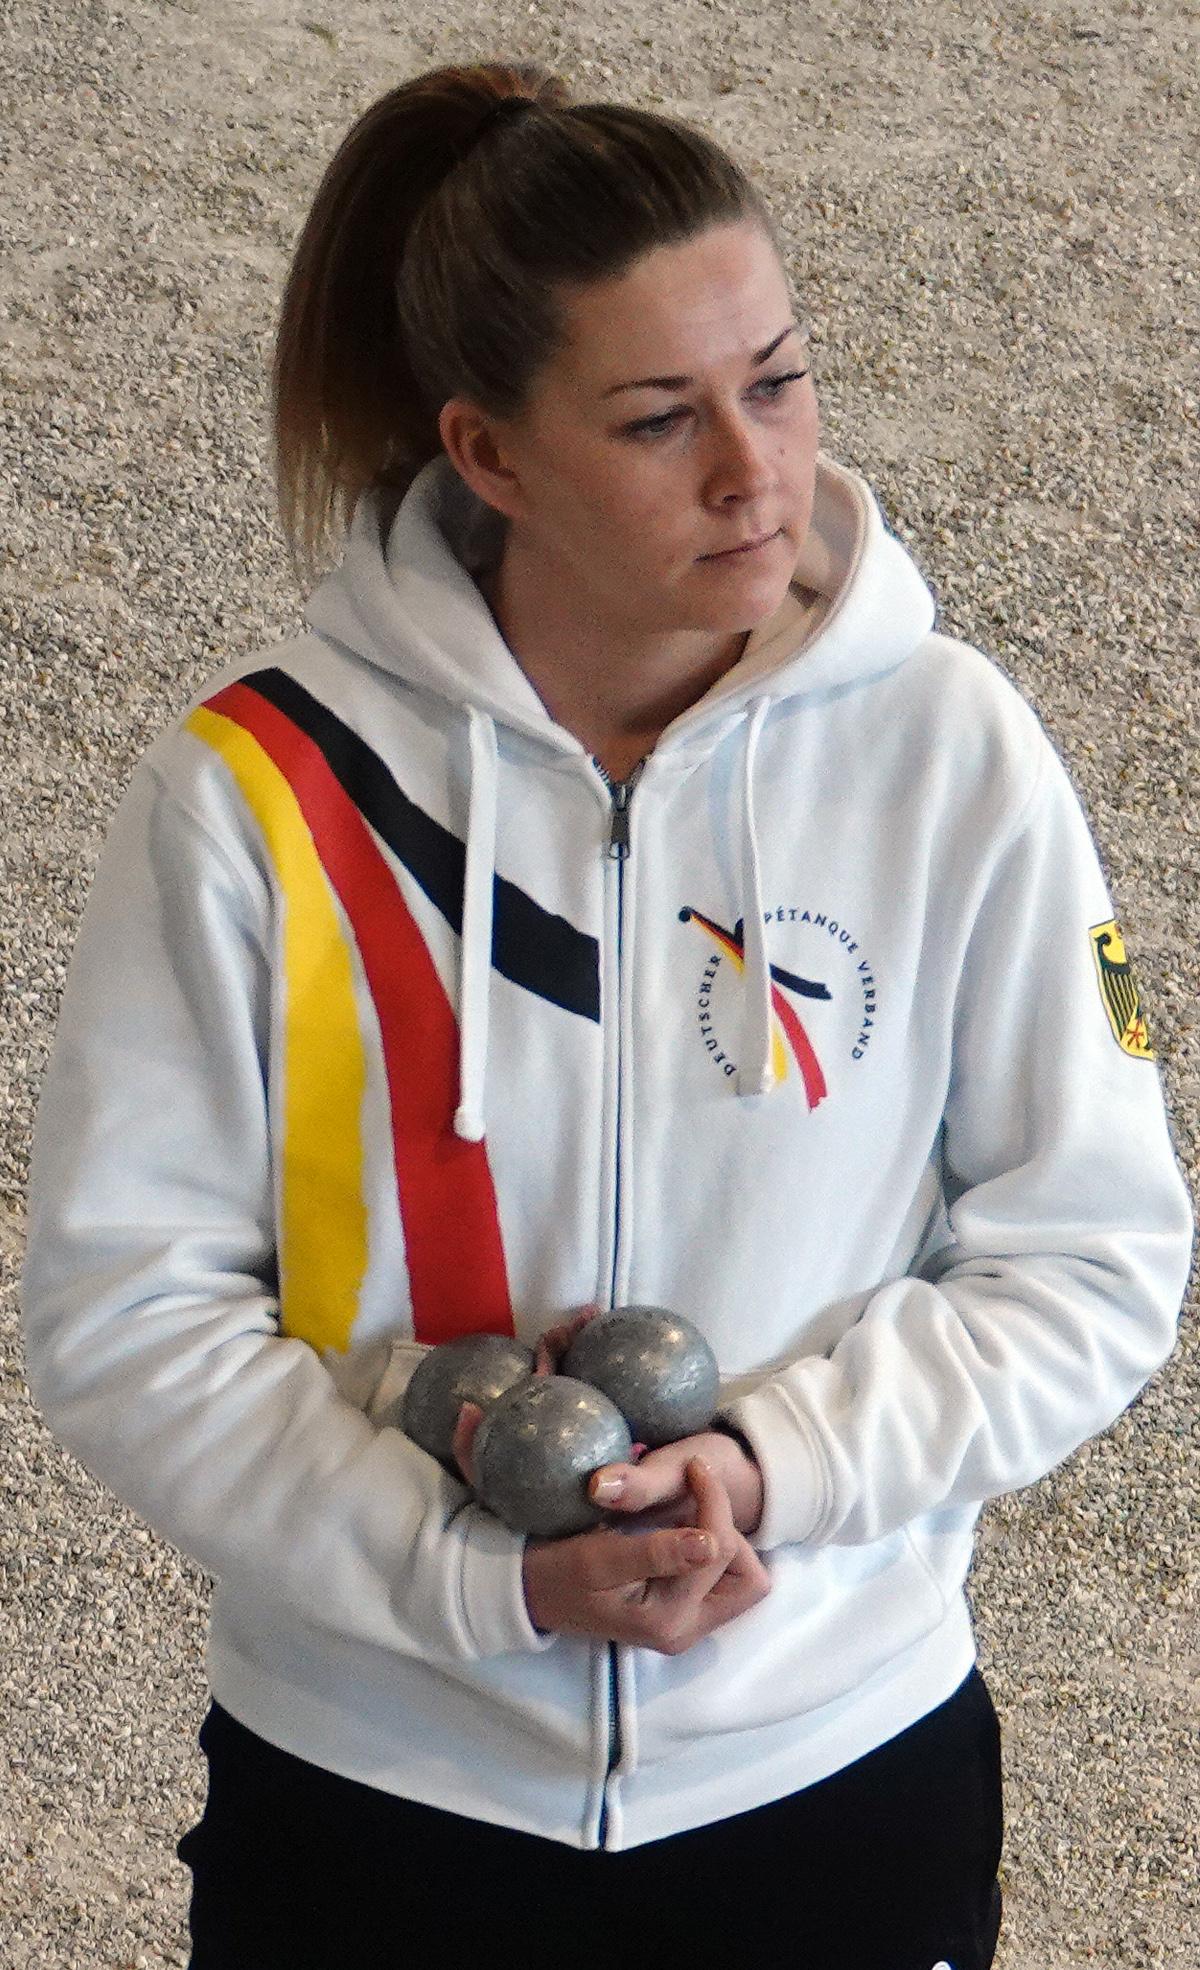 Verena Gabe